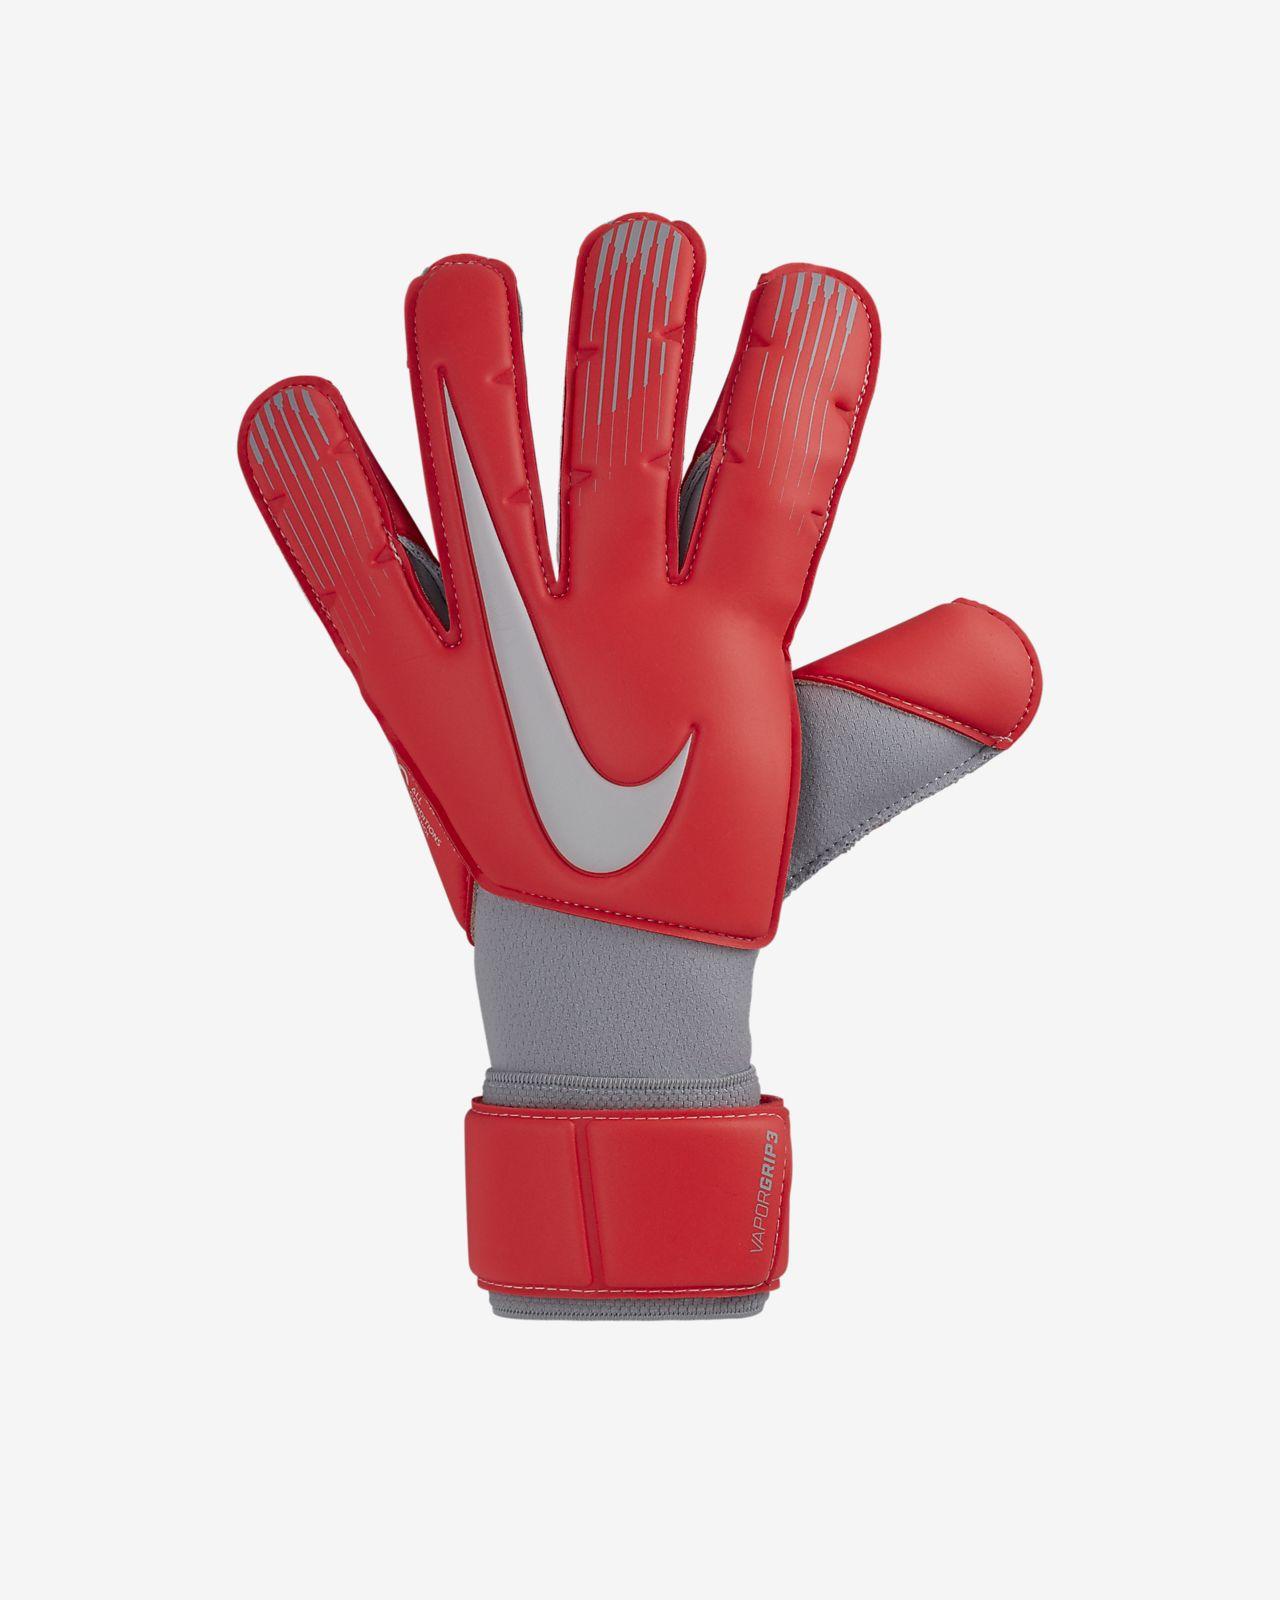 check out 53d65 3d004 Low Resolution Nike Vapor Grip3 Goalkeeper Fußballhandschuhe Nike Vapor  Grip3 Goalkeeper Fußballhandschuhe